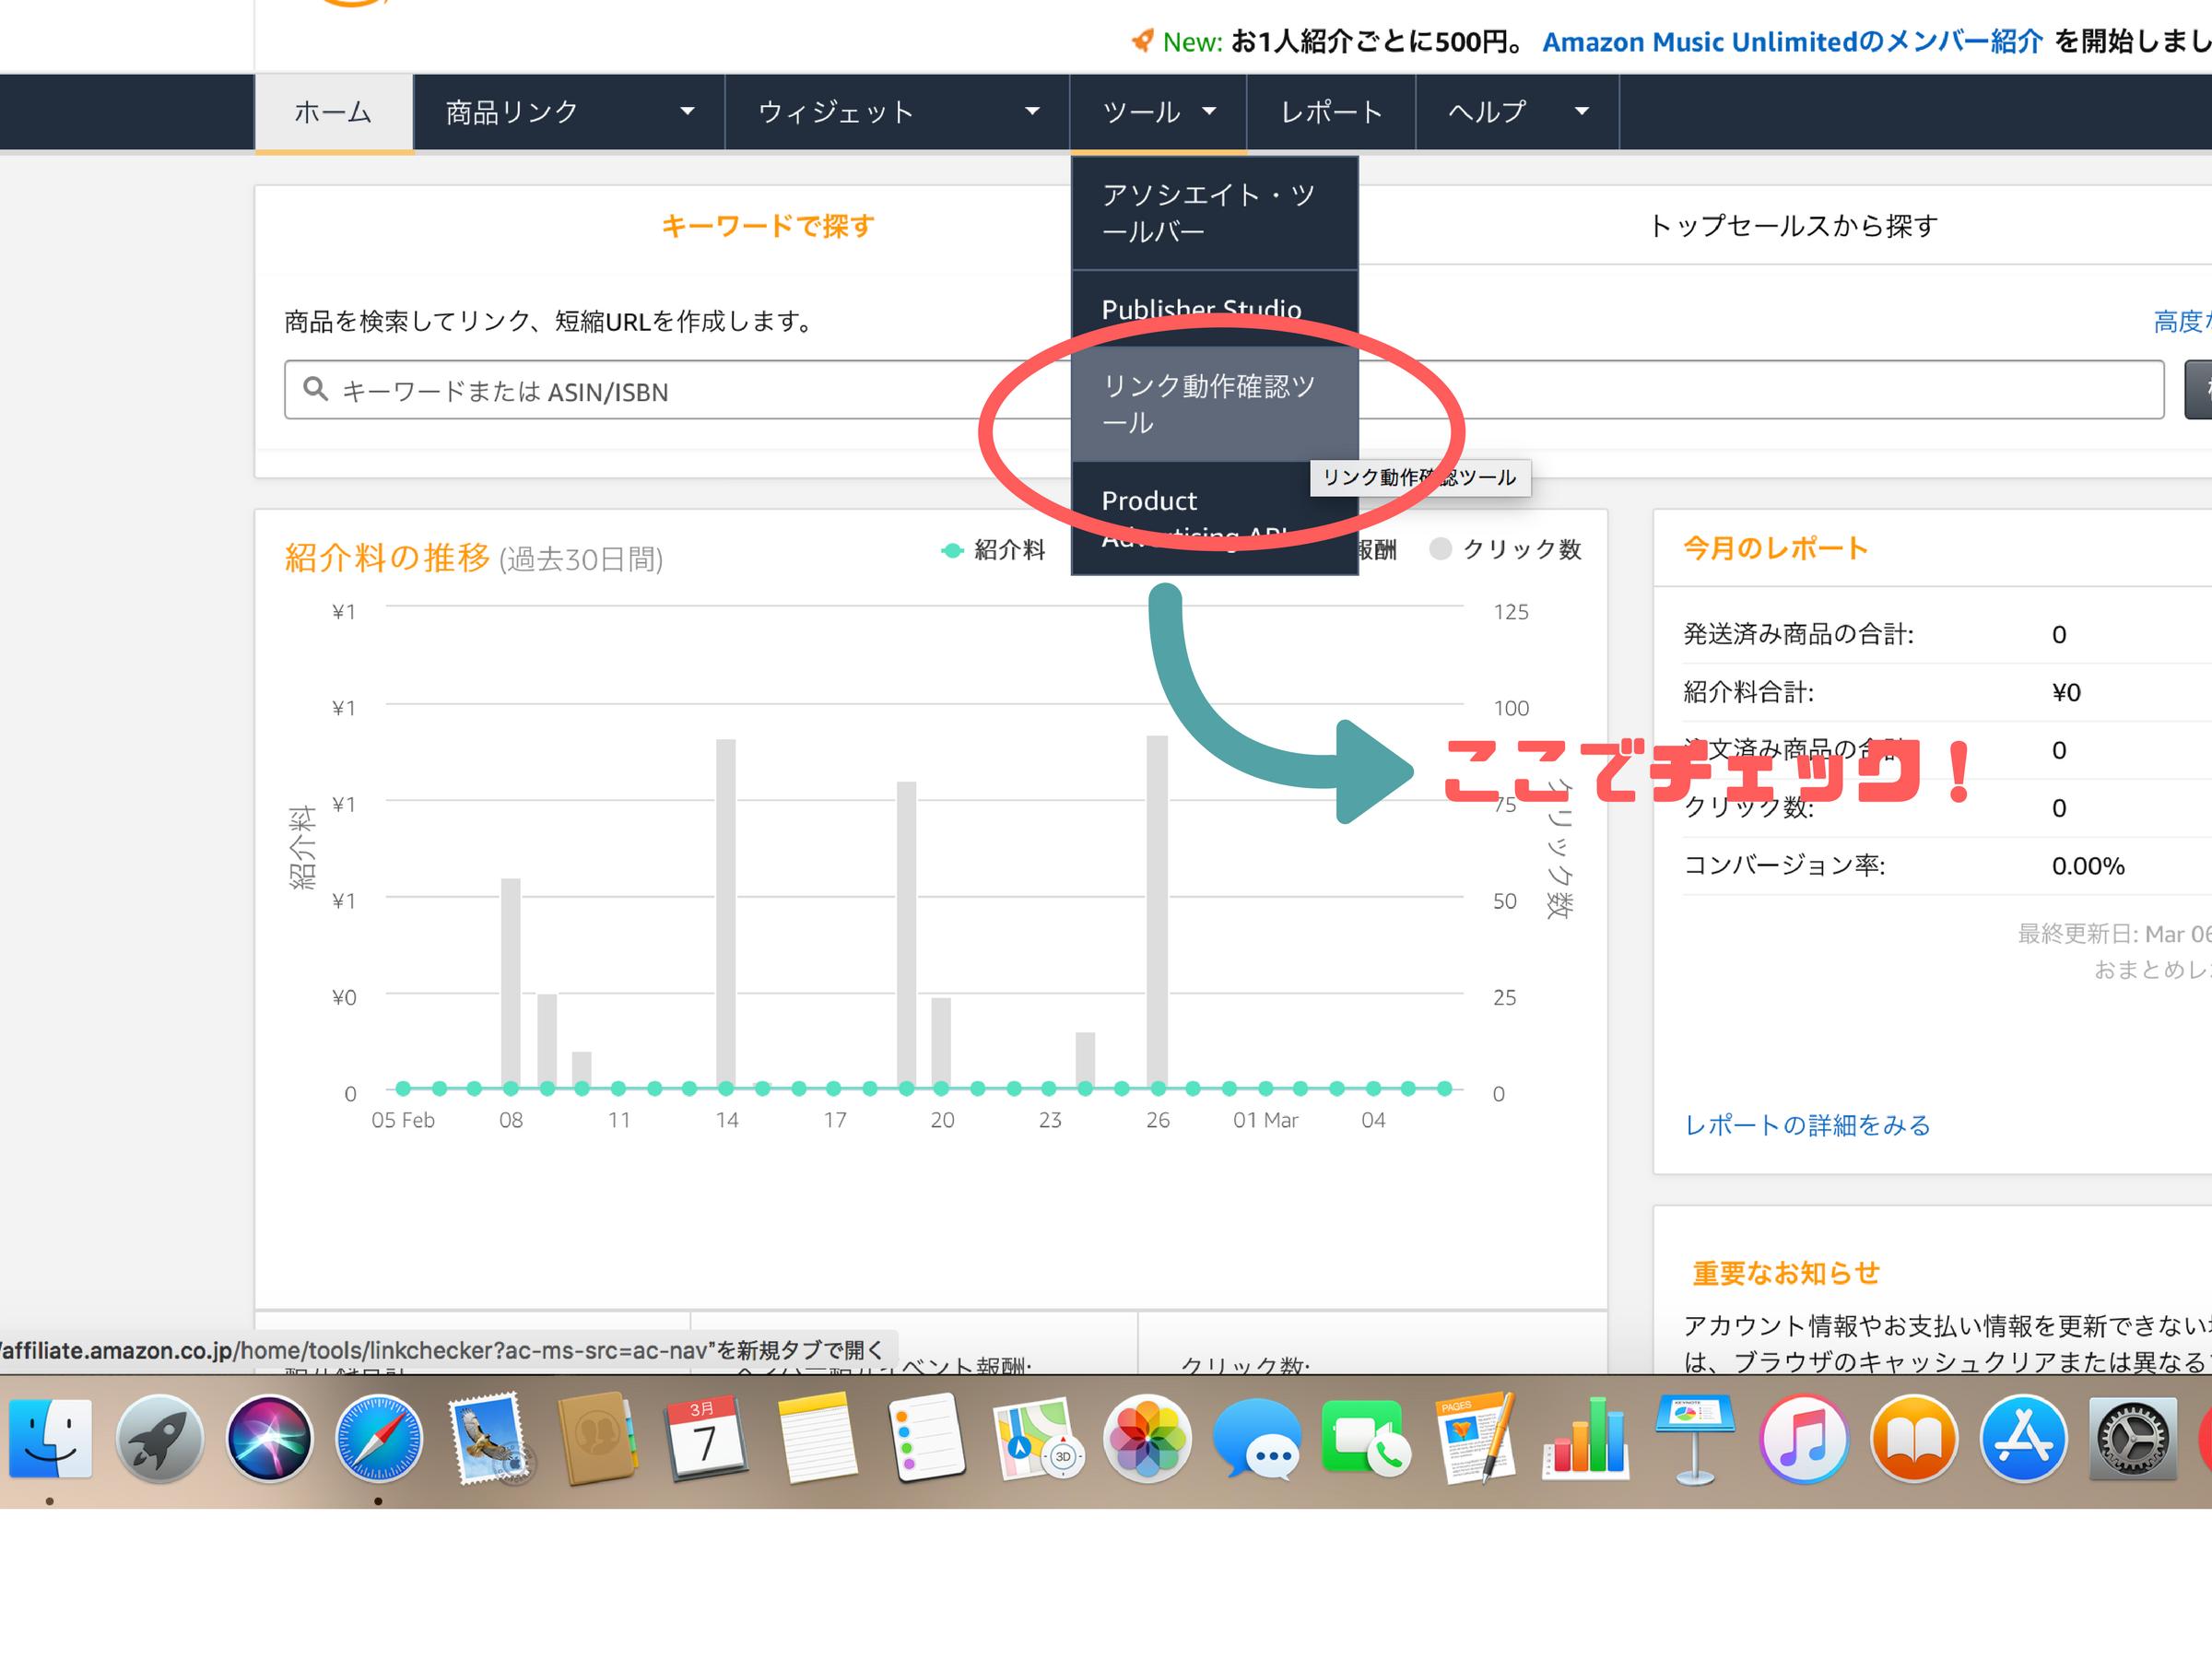 アマゾンリンク動作確認ツール画面